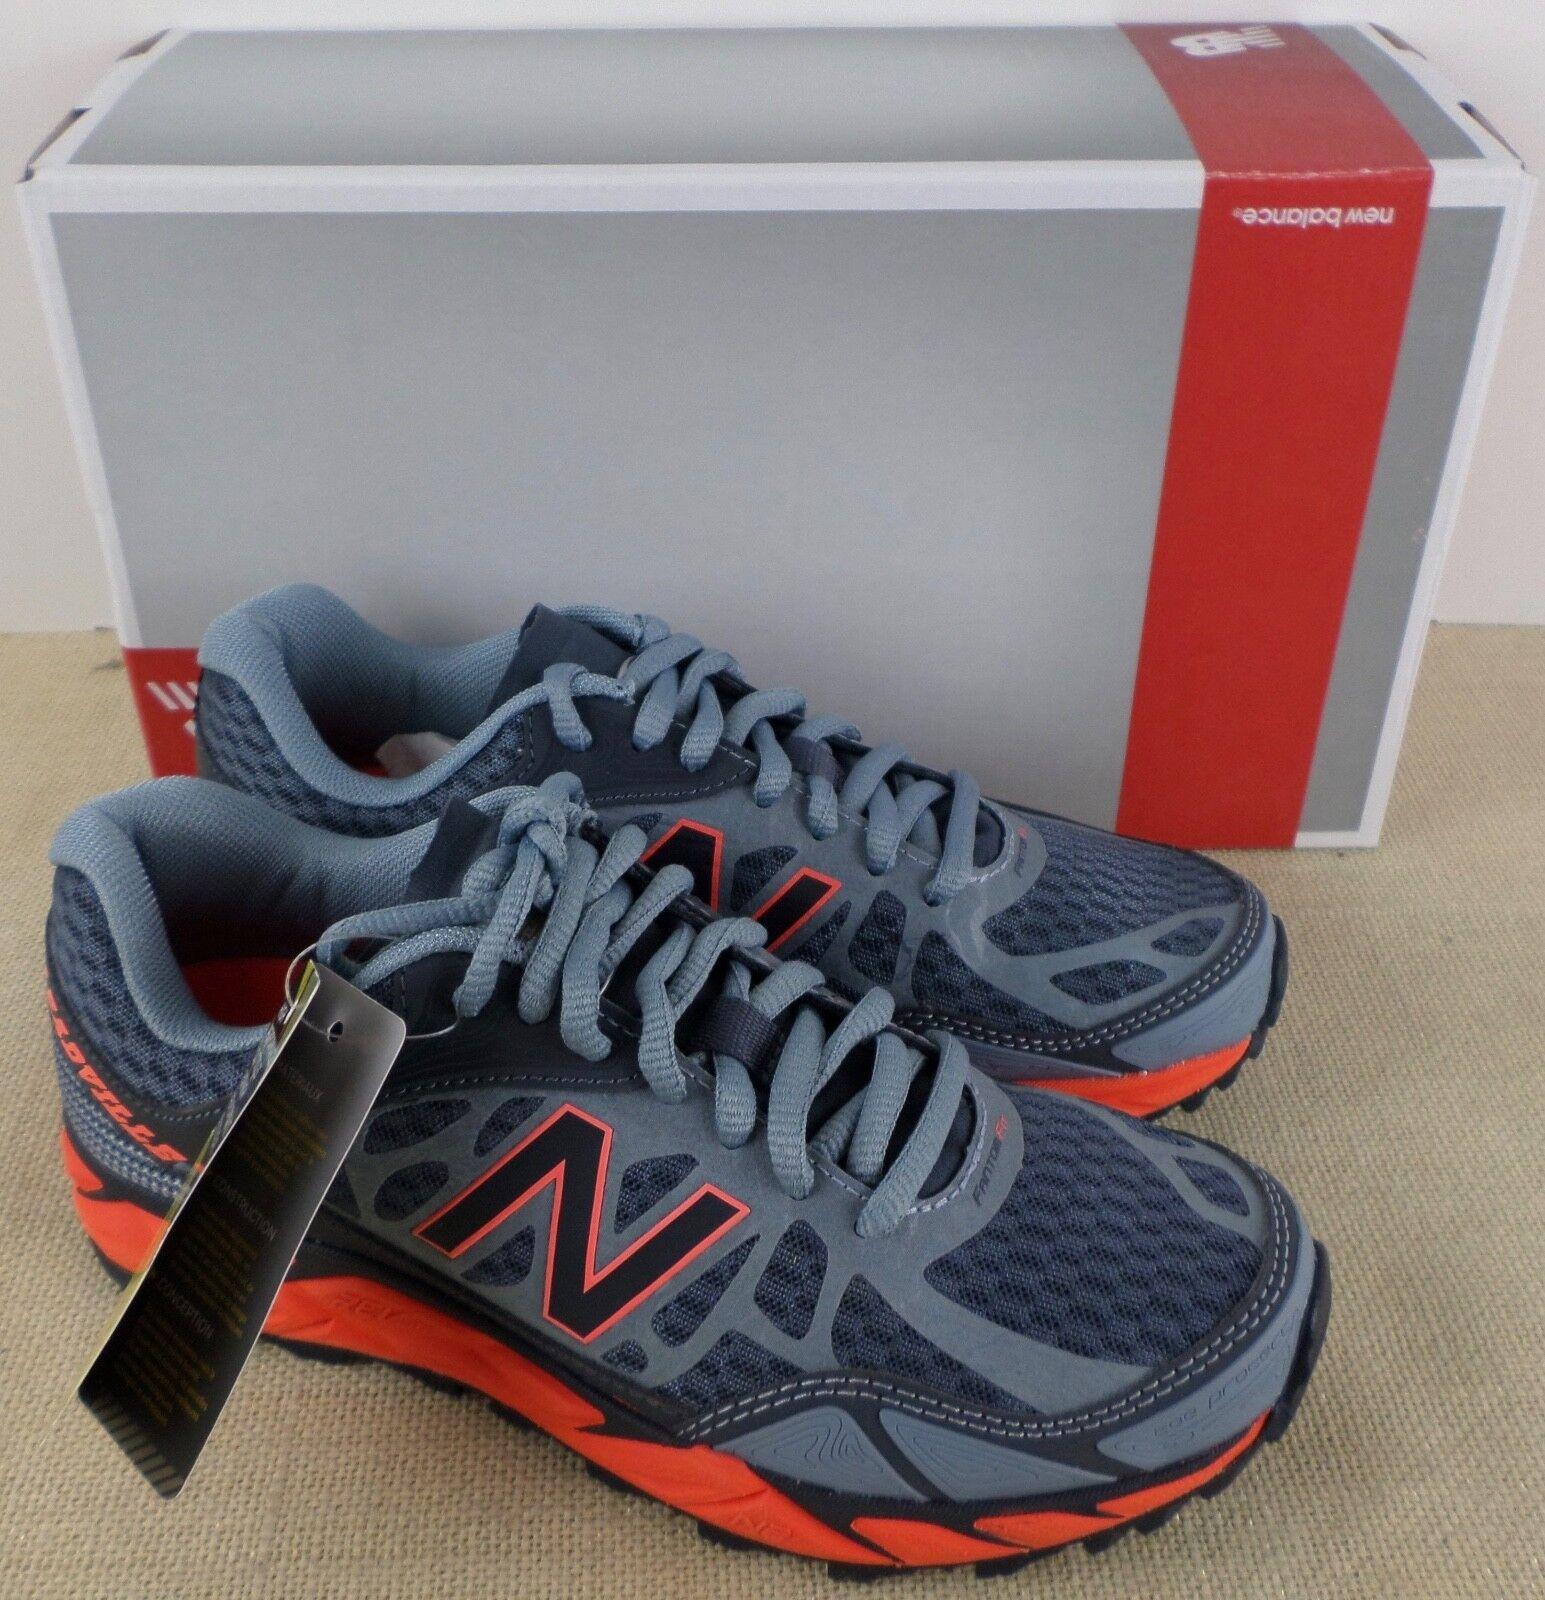 New Balance  Wtleadg3 donna grigio Lauf Athletic scarpe da ginnastica Neu in Originally  miglior reputazione